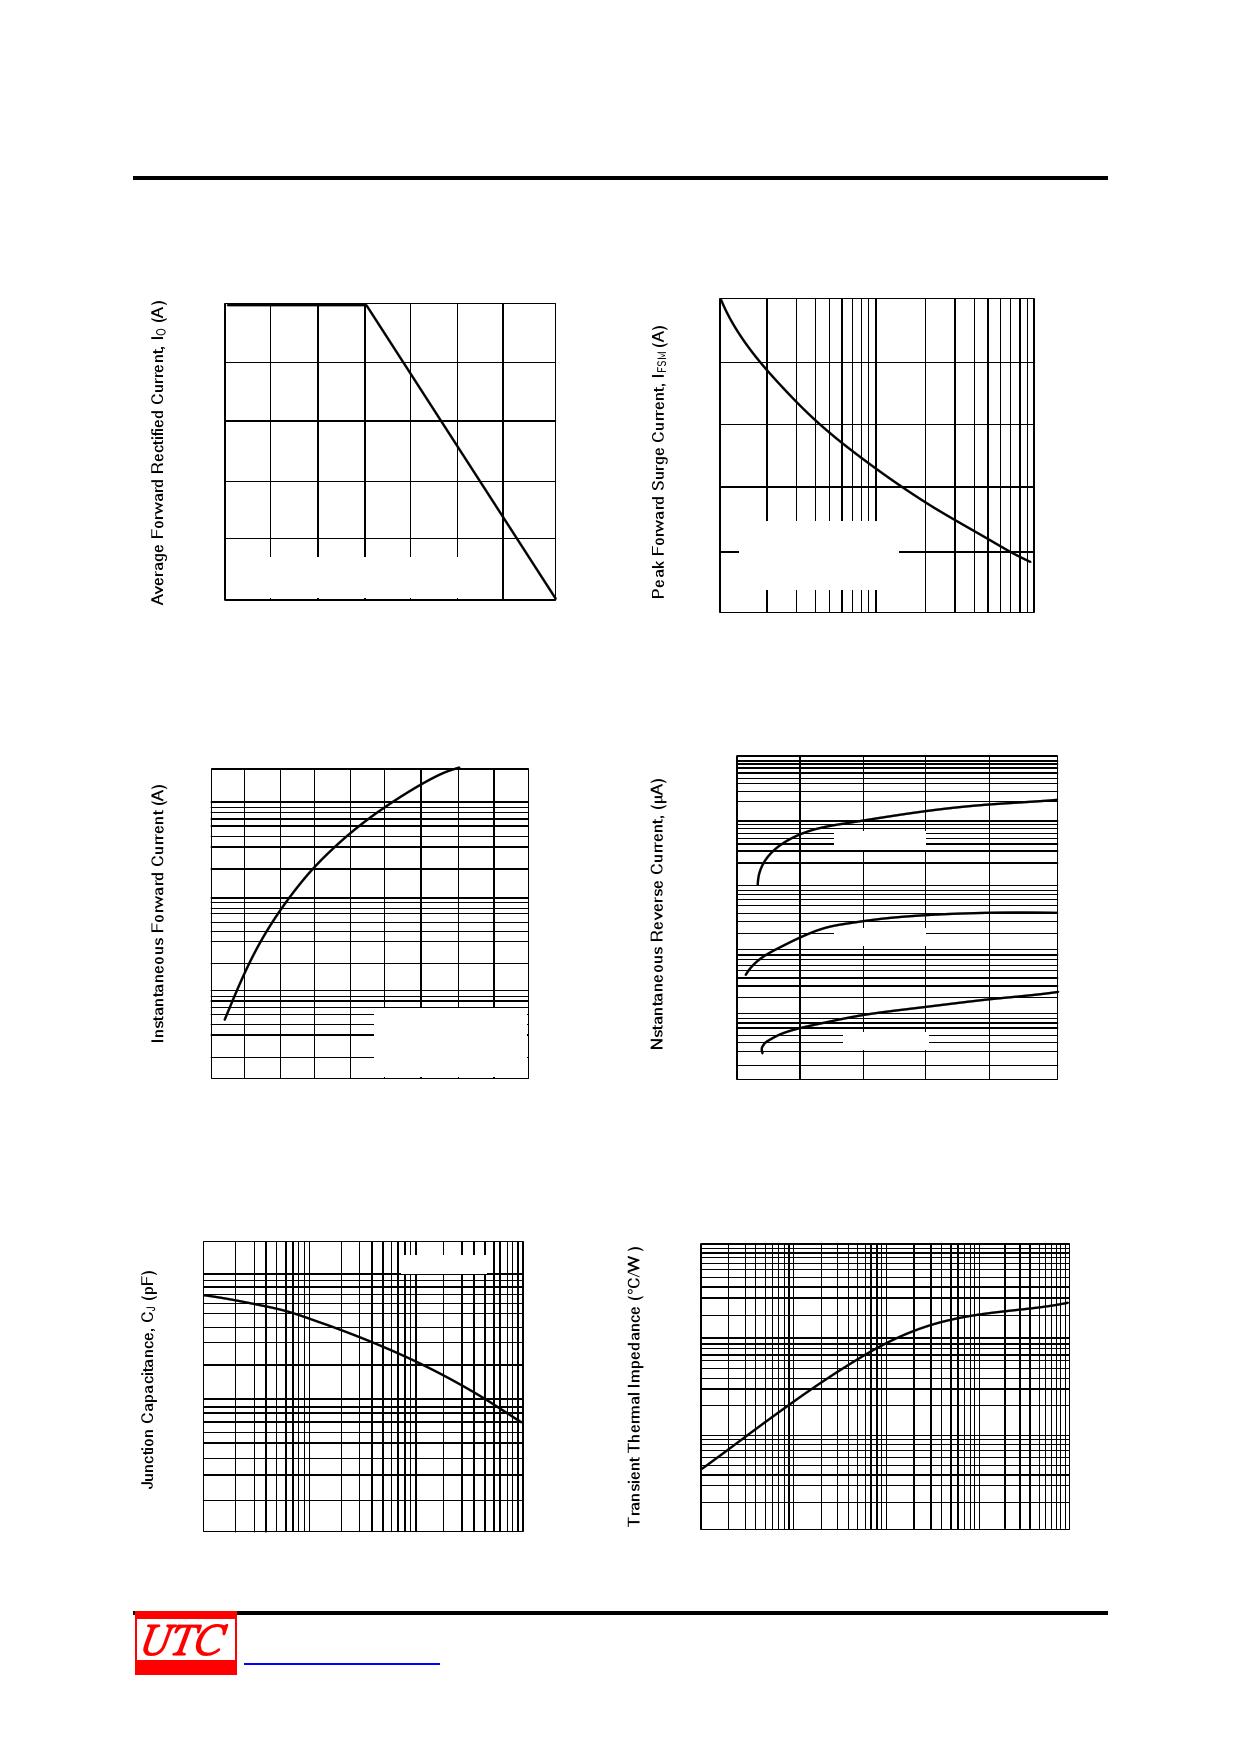 1N5408G pdf, ピン配列